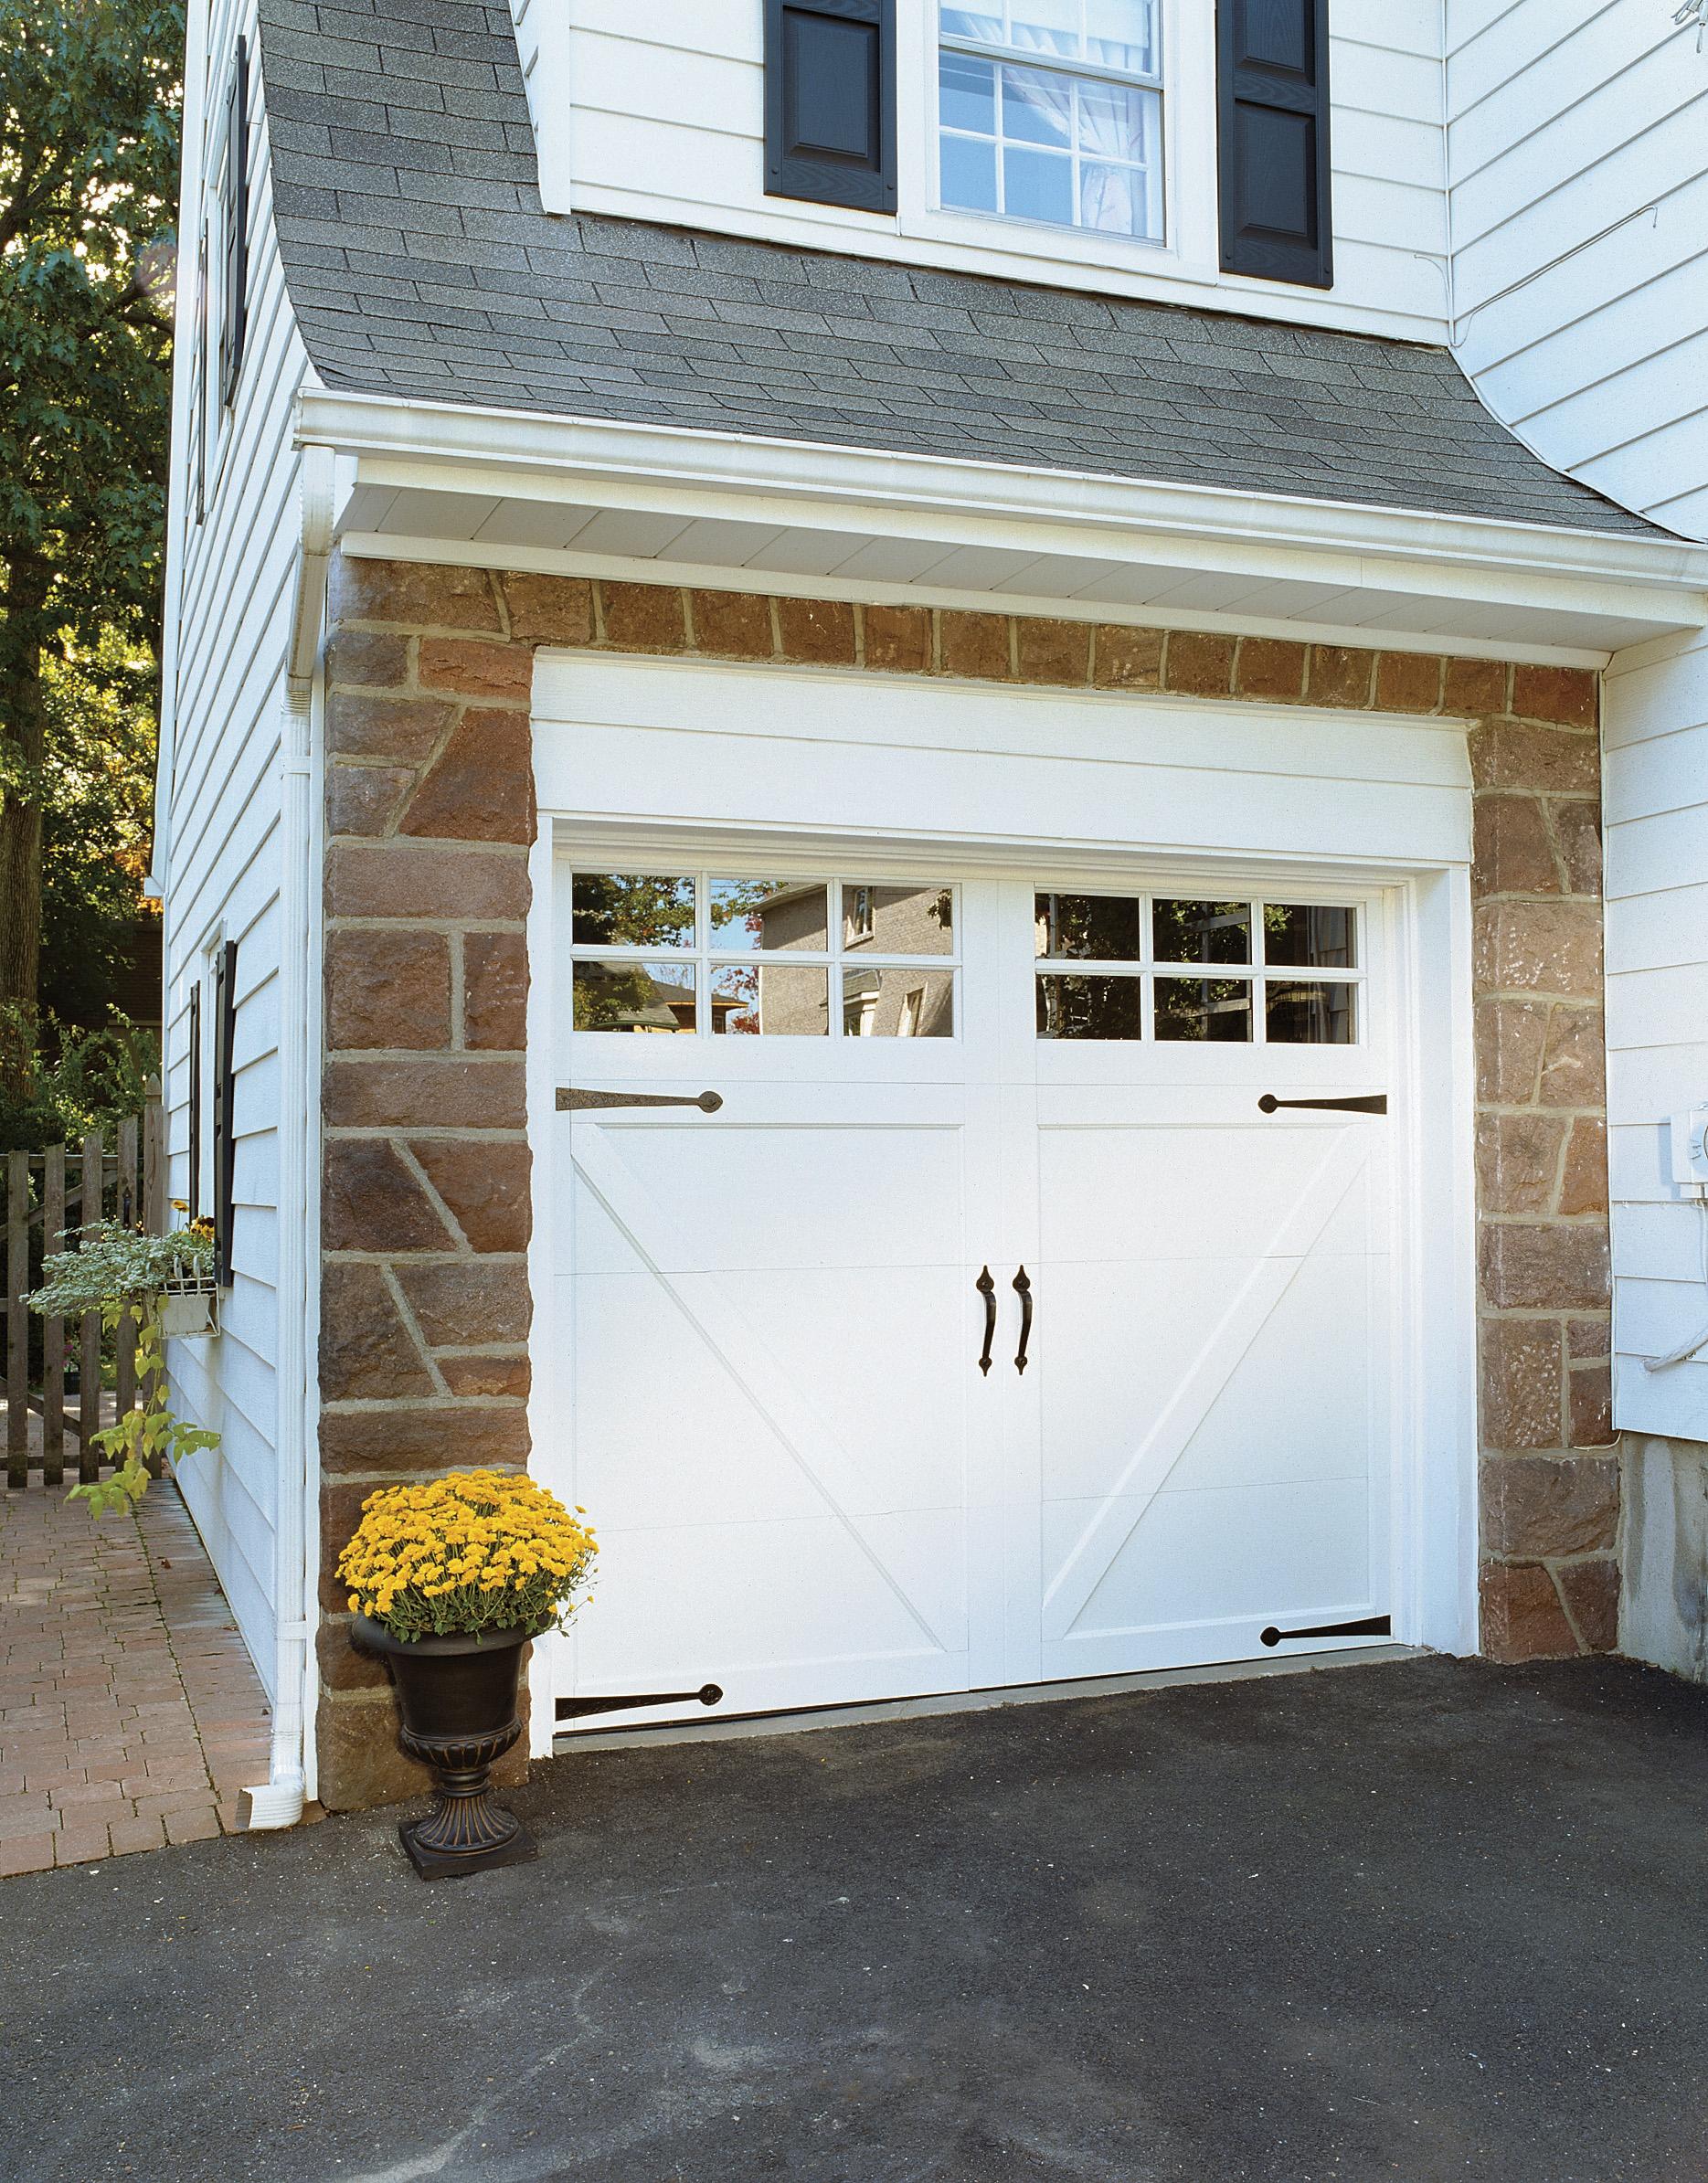 2389 #644C32 COACHMAN® Picture Gallery MAGNUM DOOR Call 604 530 8535 wallpaper Coachman Collection Garage Doors 36151869